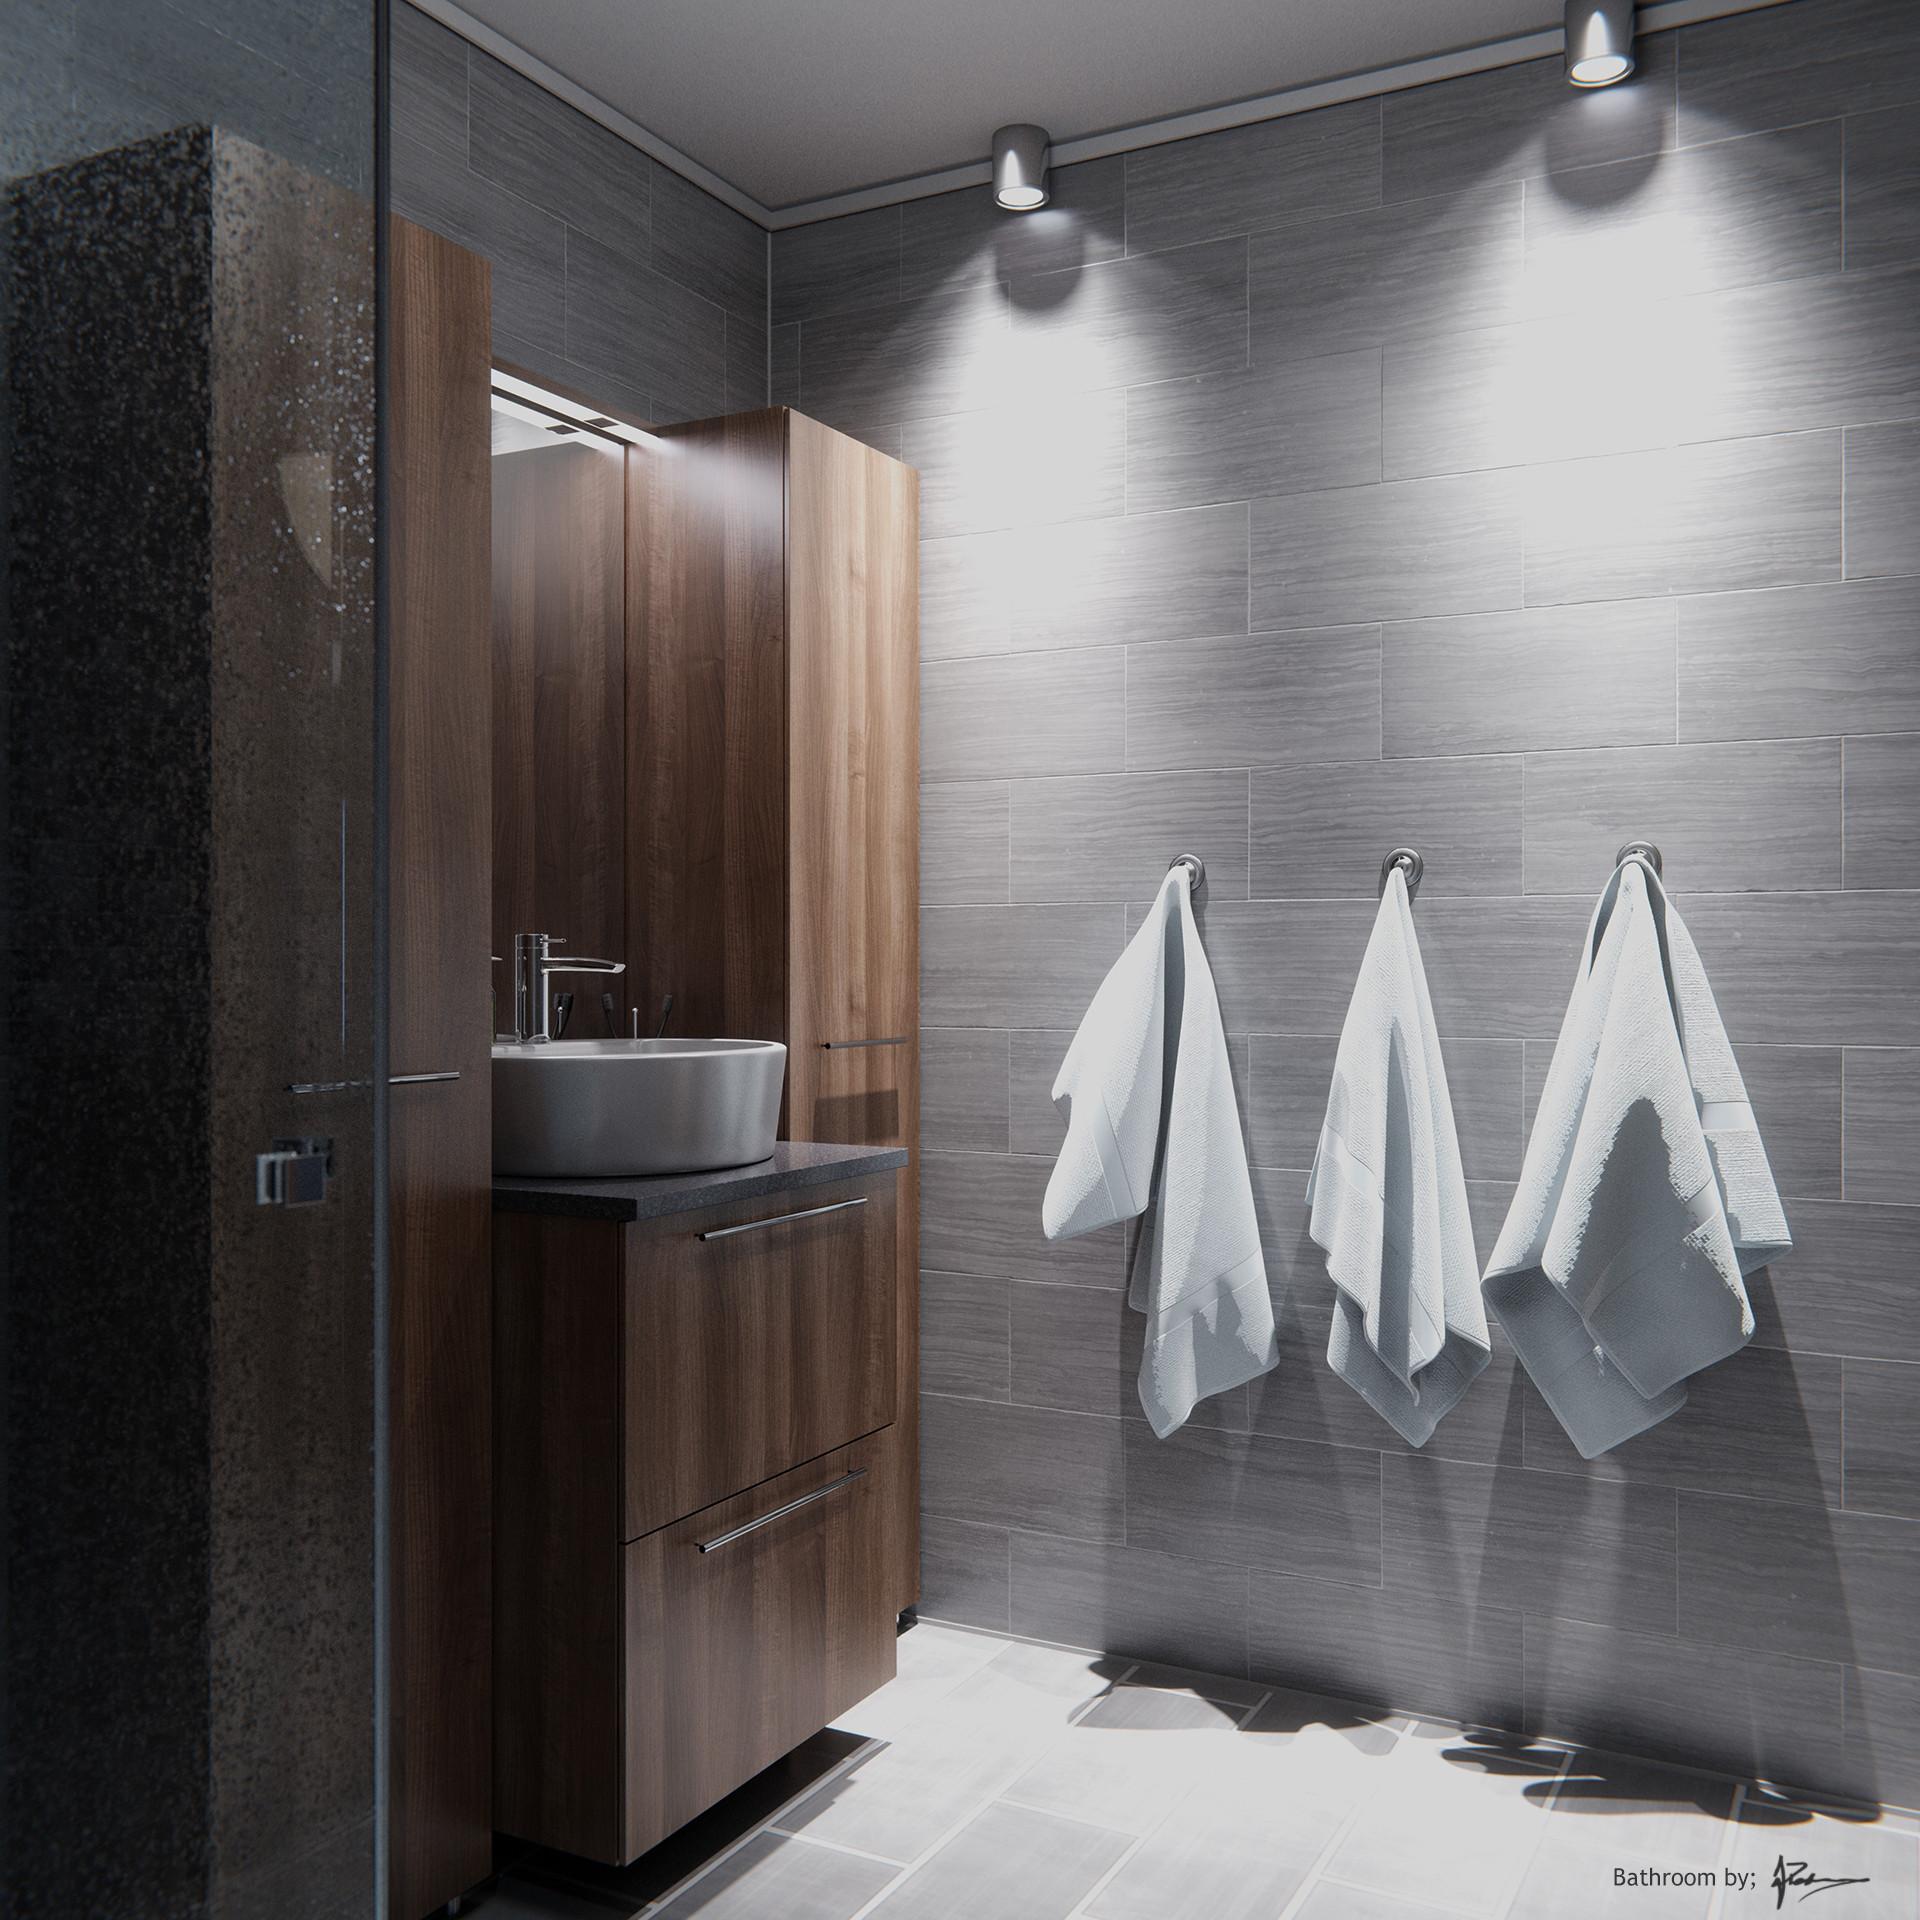 Love that lighting!Created by  Asbjørn Pedersen using the  new tile materials  in Blender.